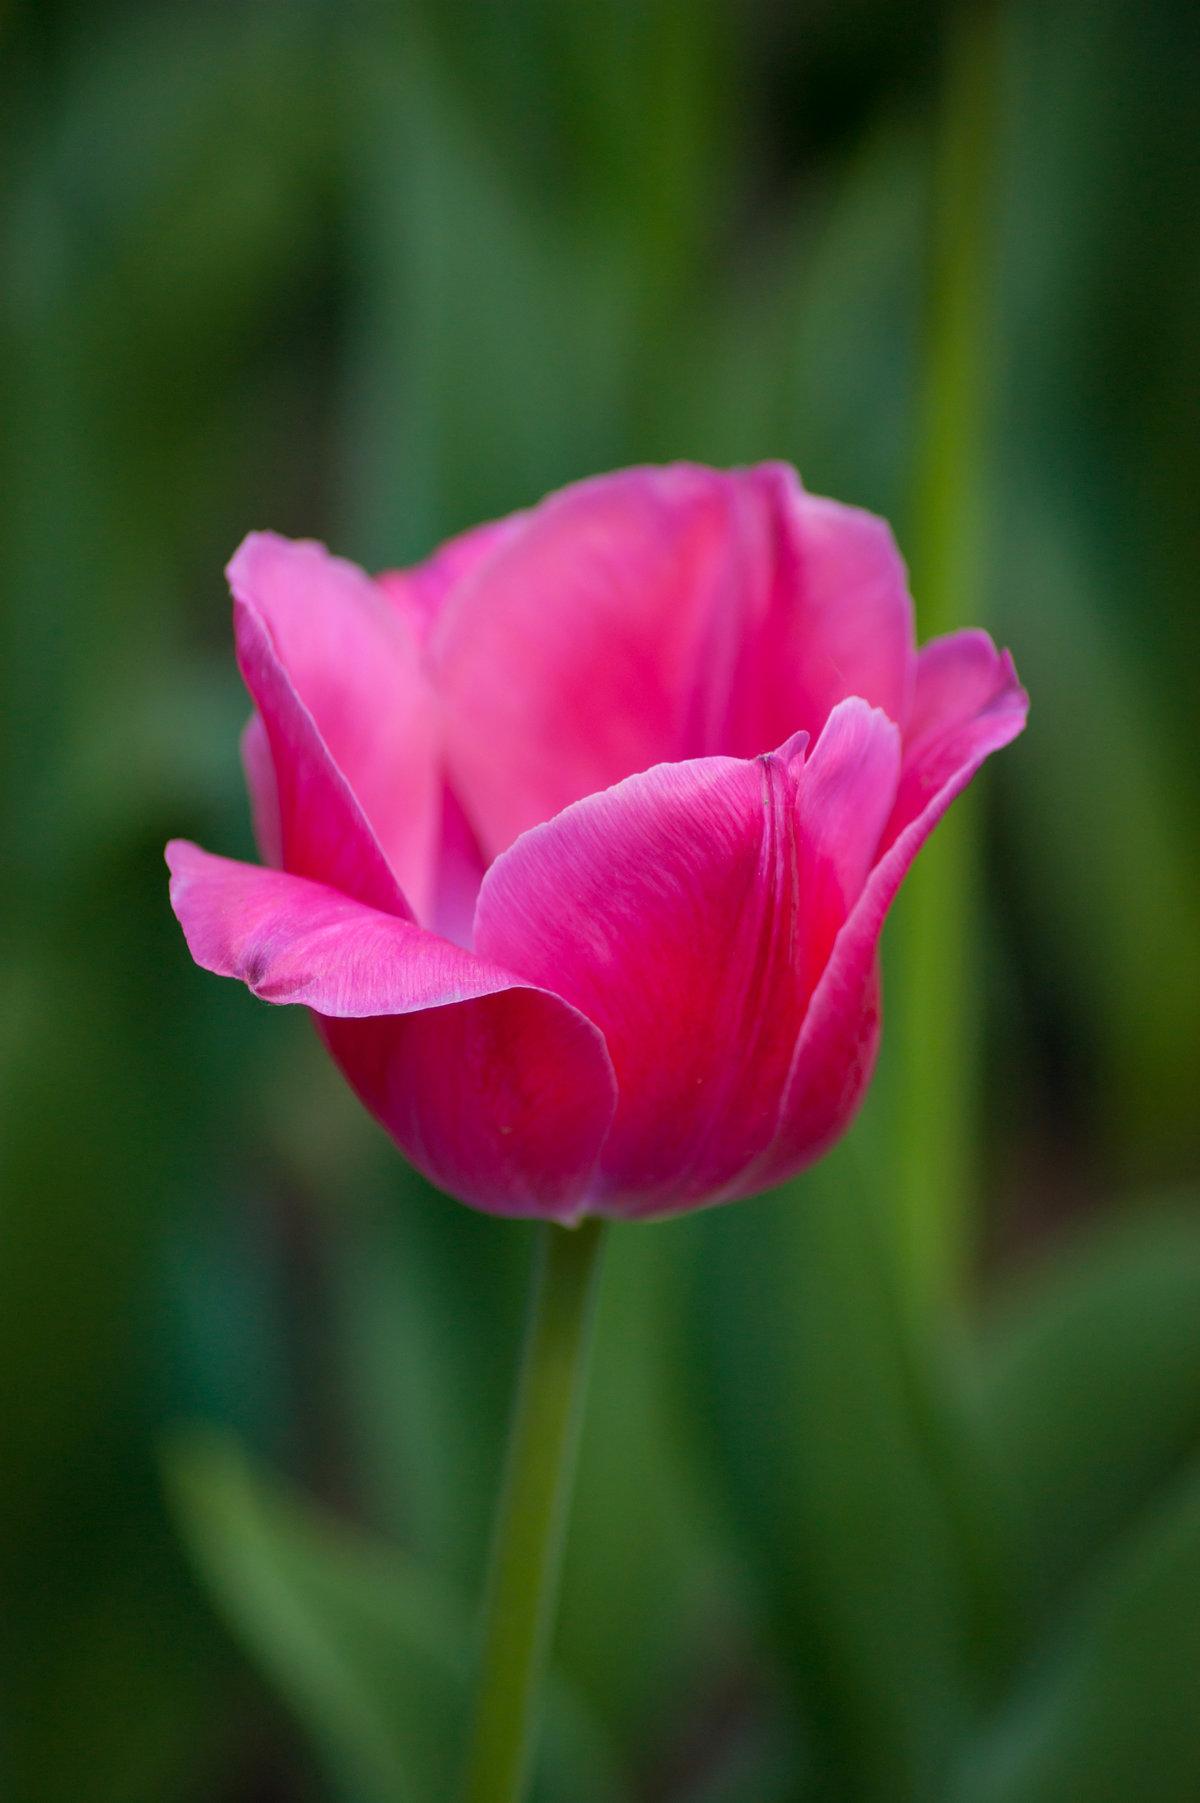 развлечений уже тюльпаны фото картинки высокого качества там